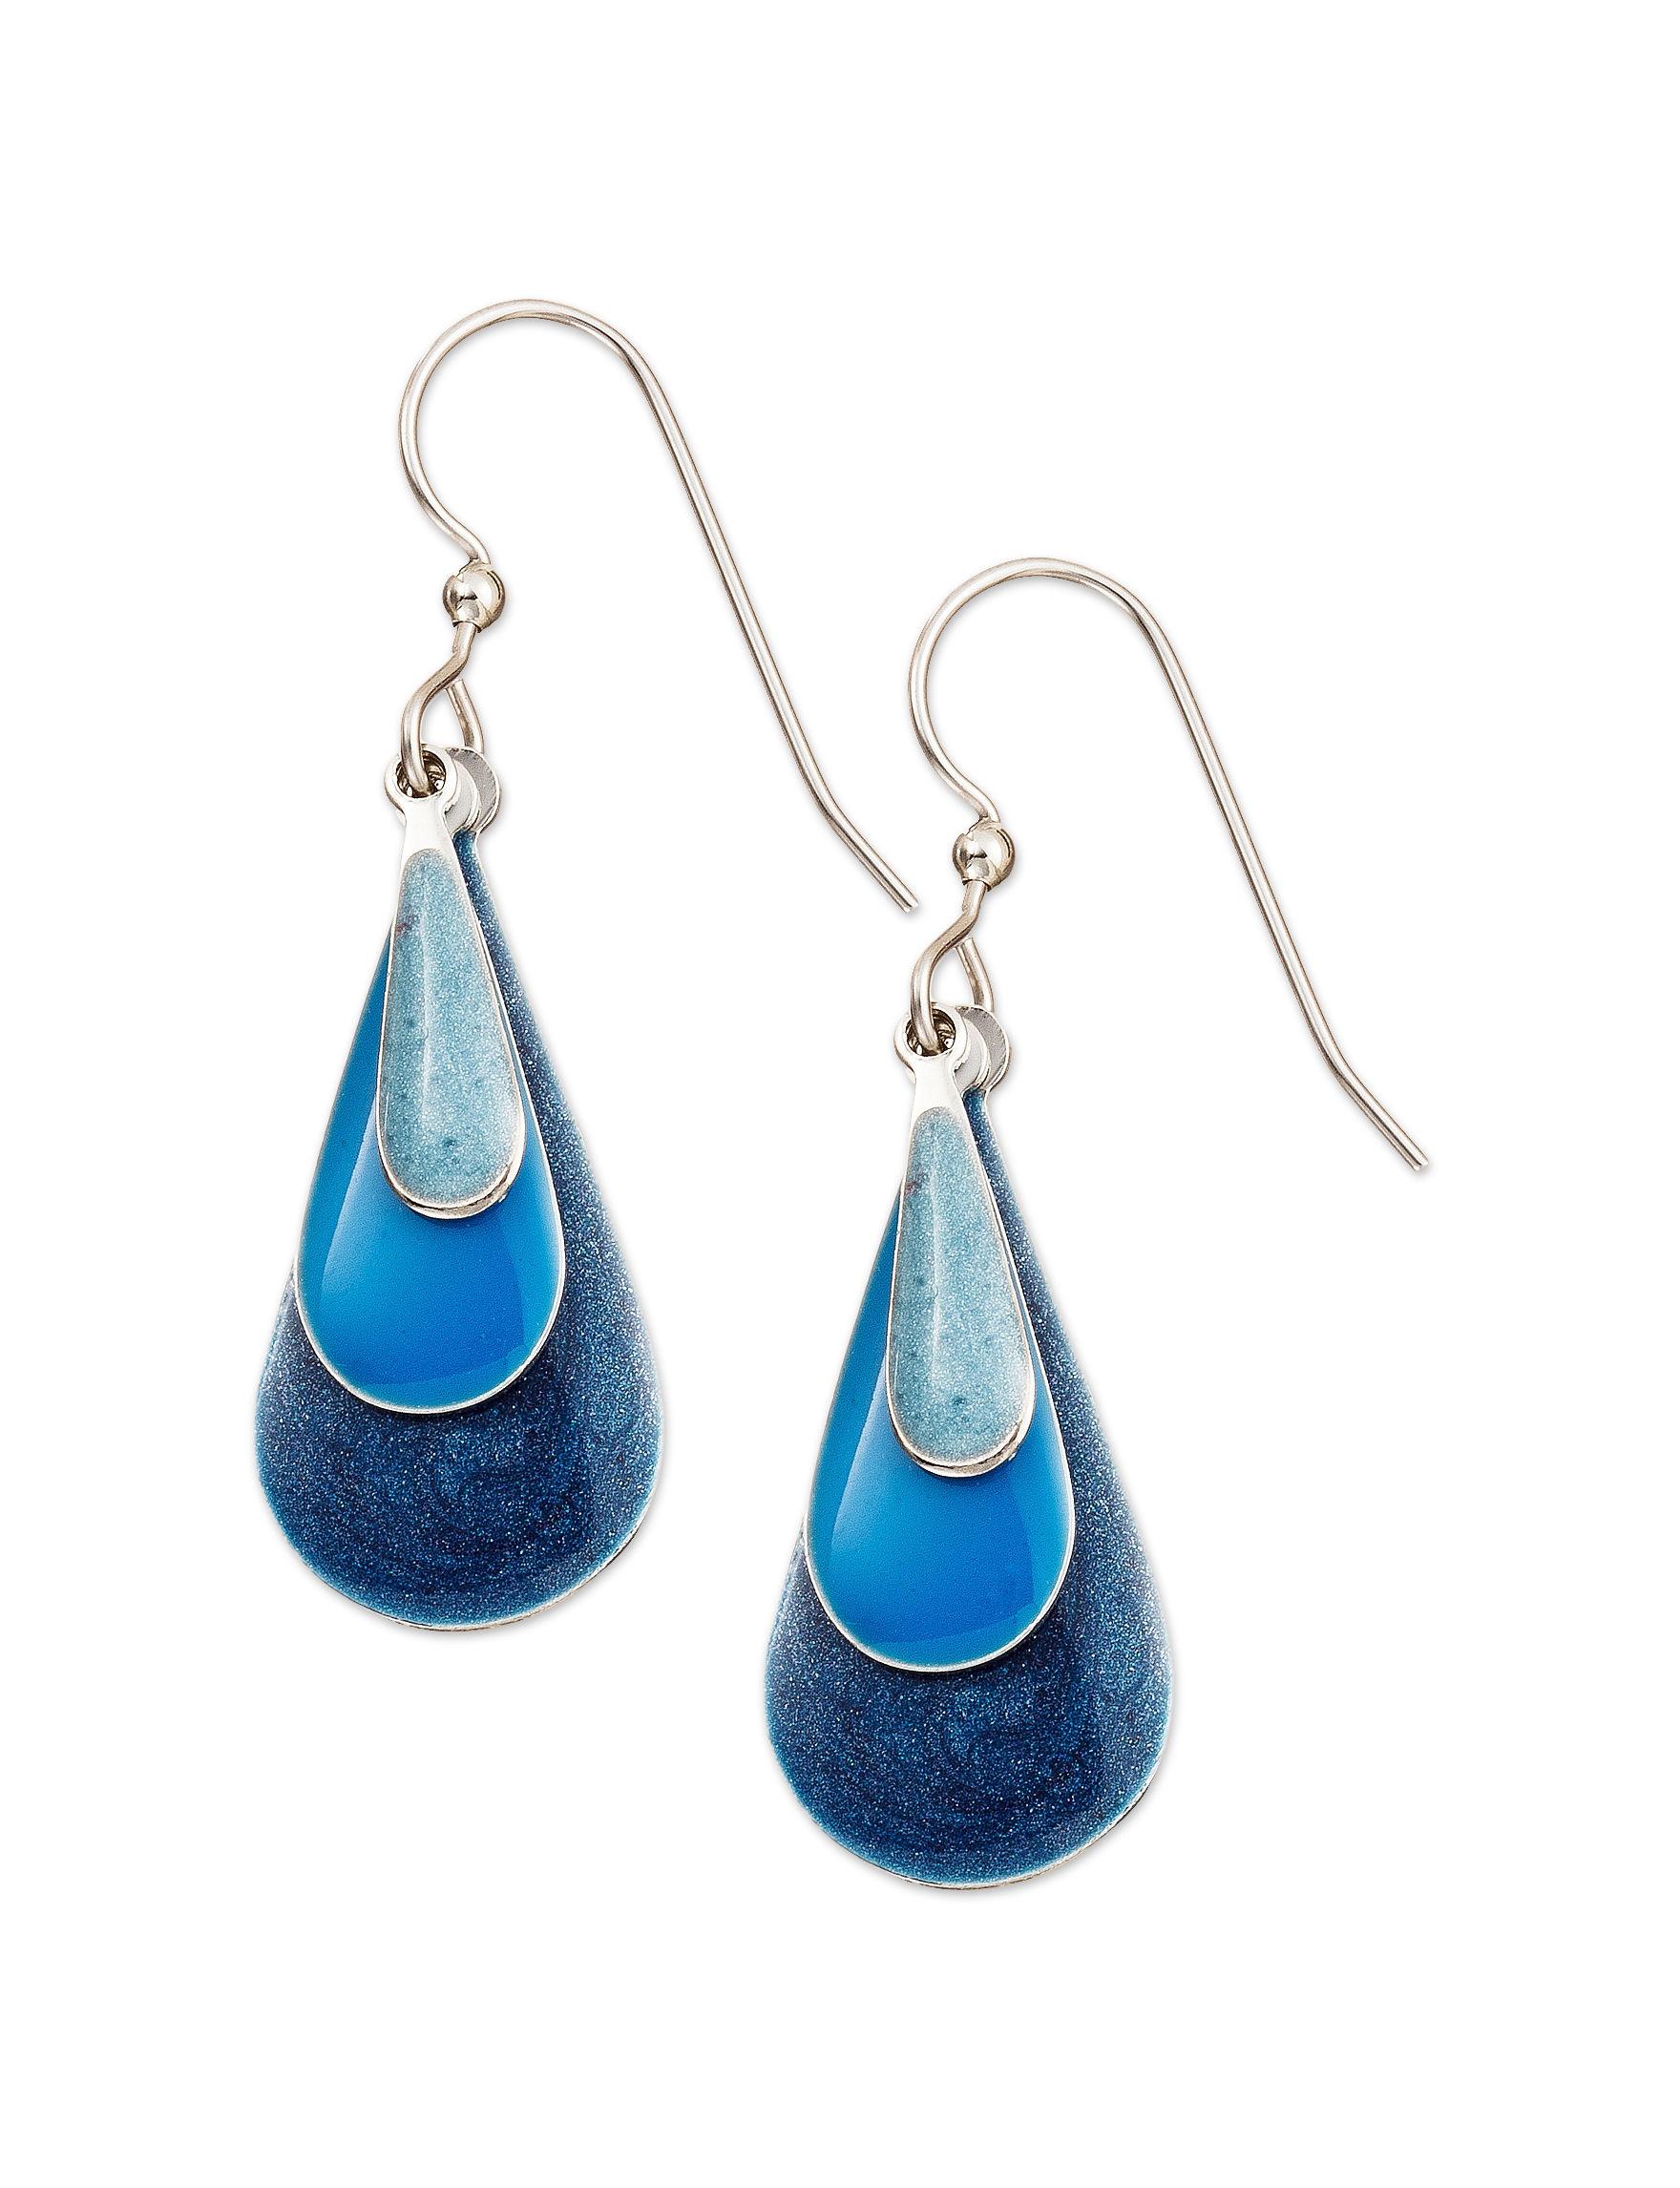 Silver Forest Multi Drops Earrings Fashion Jewelry